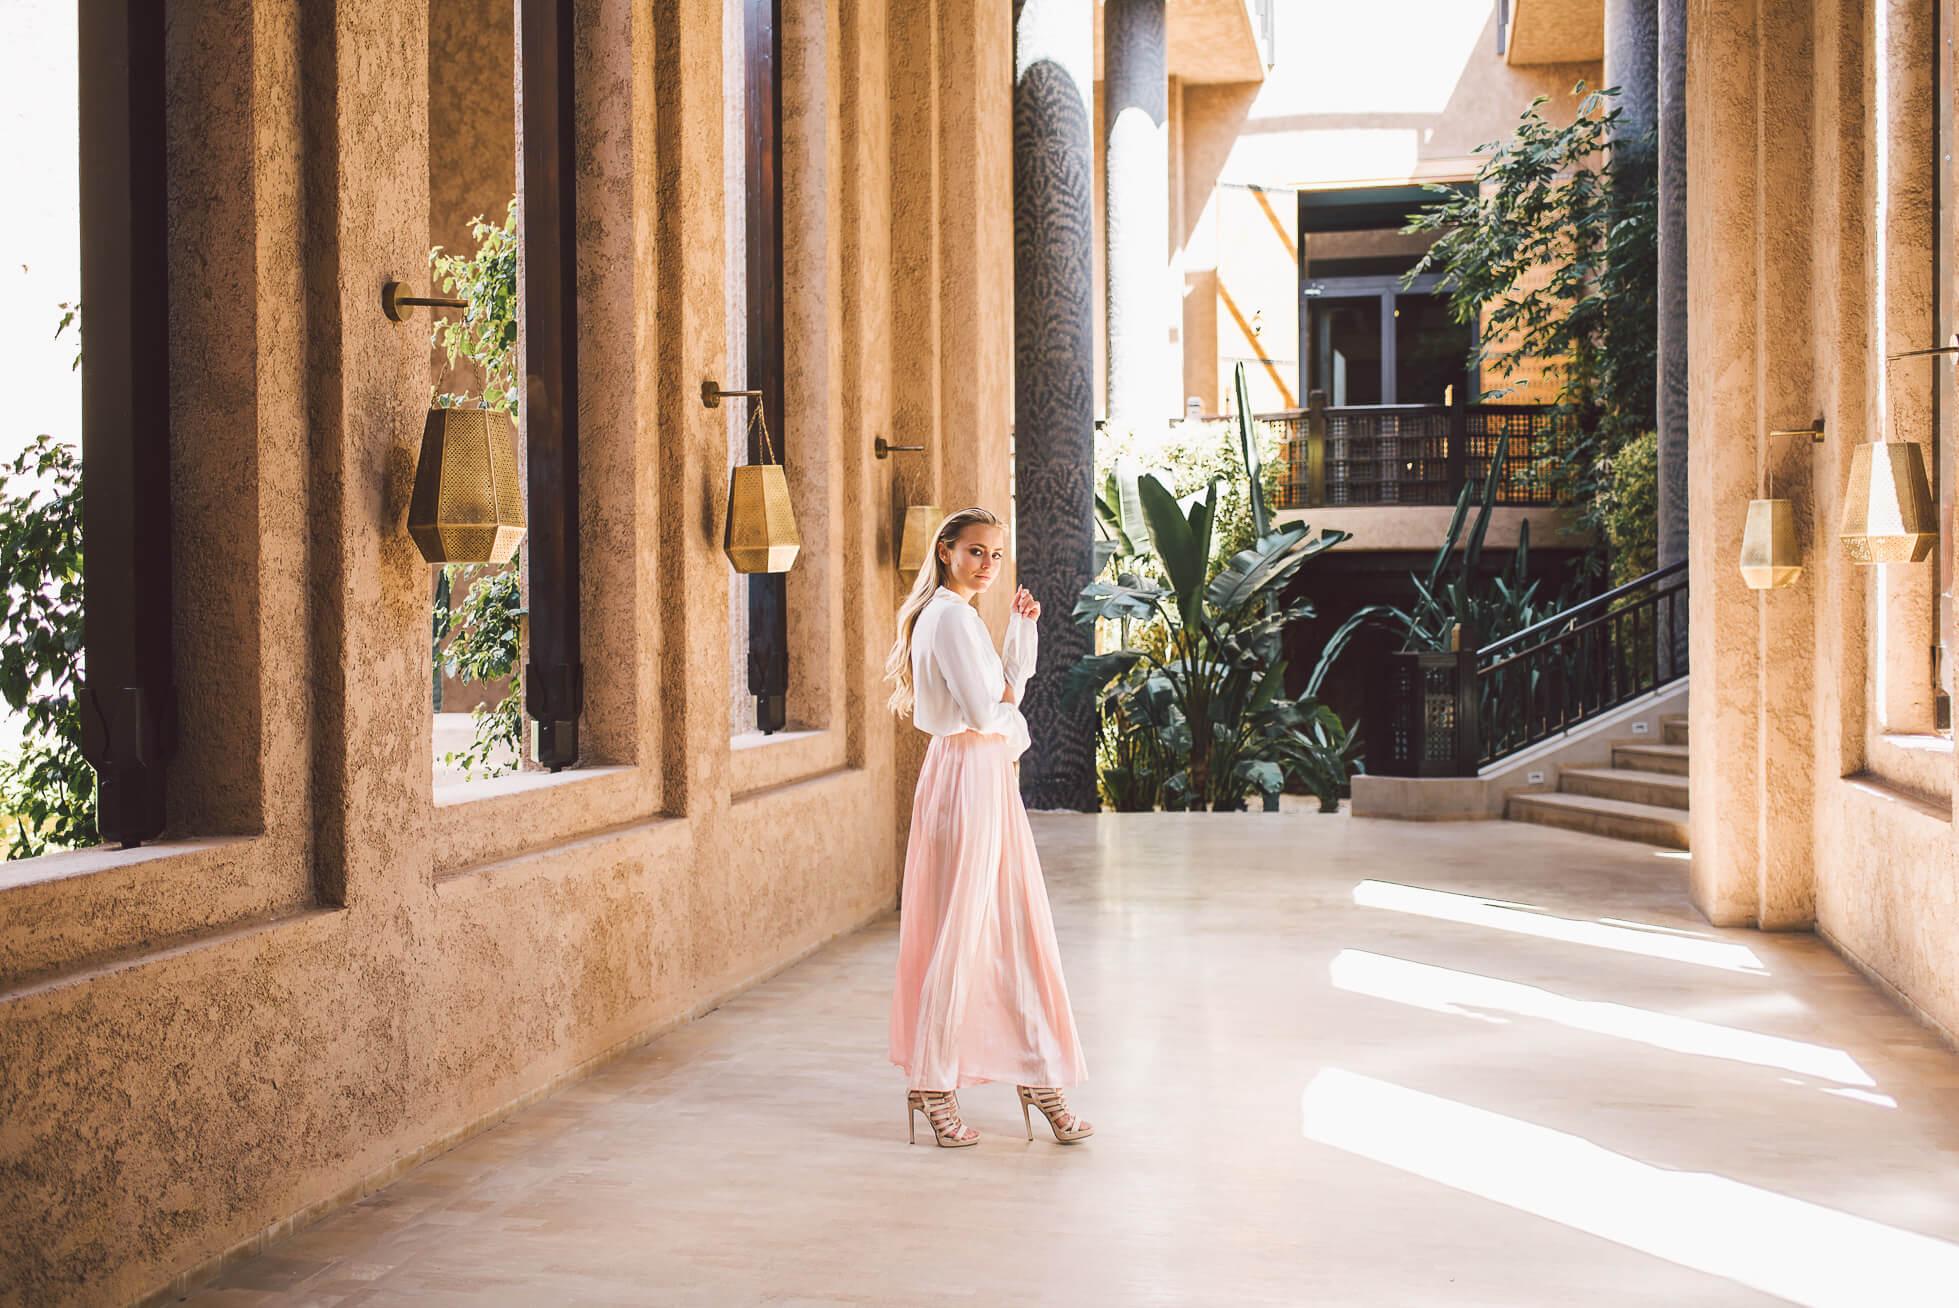 janni-deler-pink-skirtDSC_1278